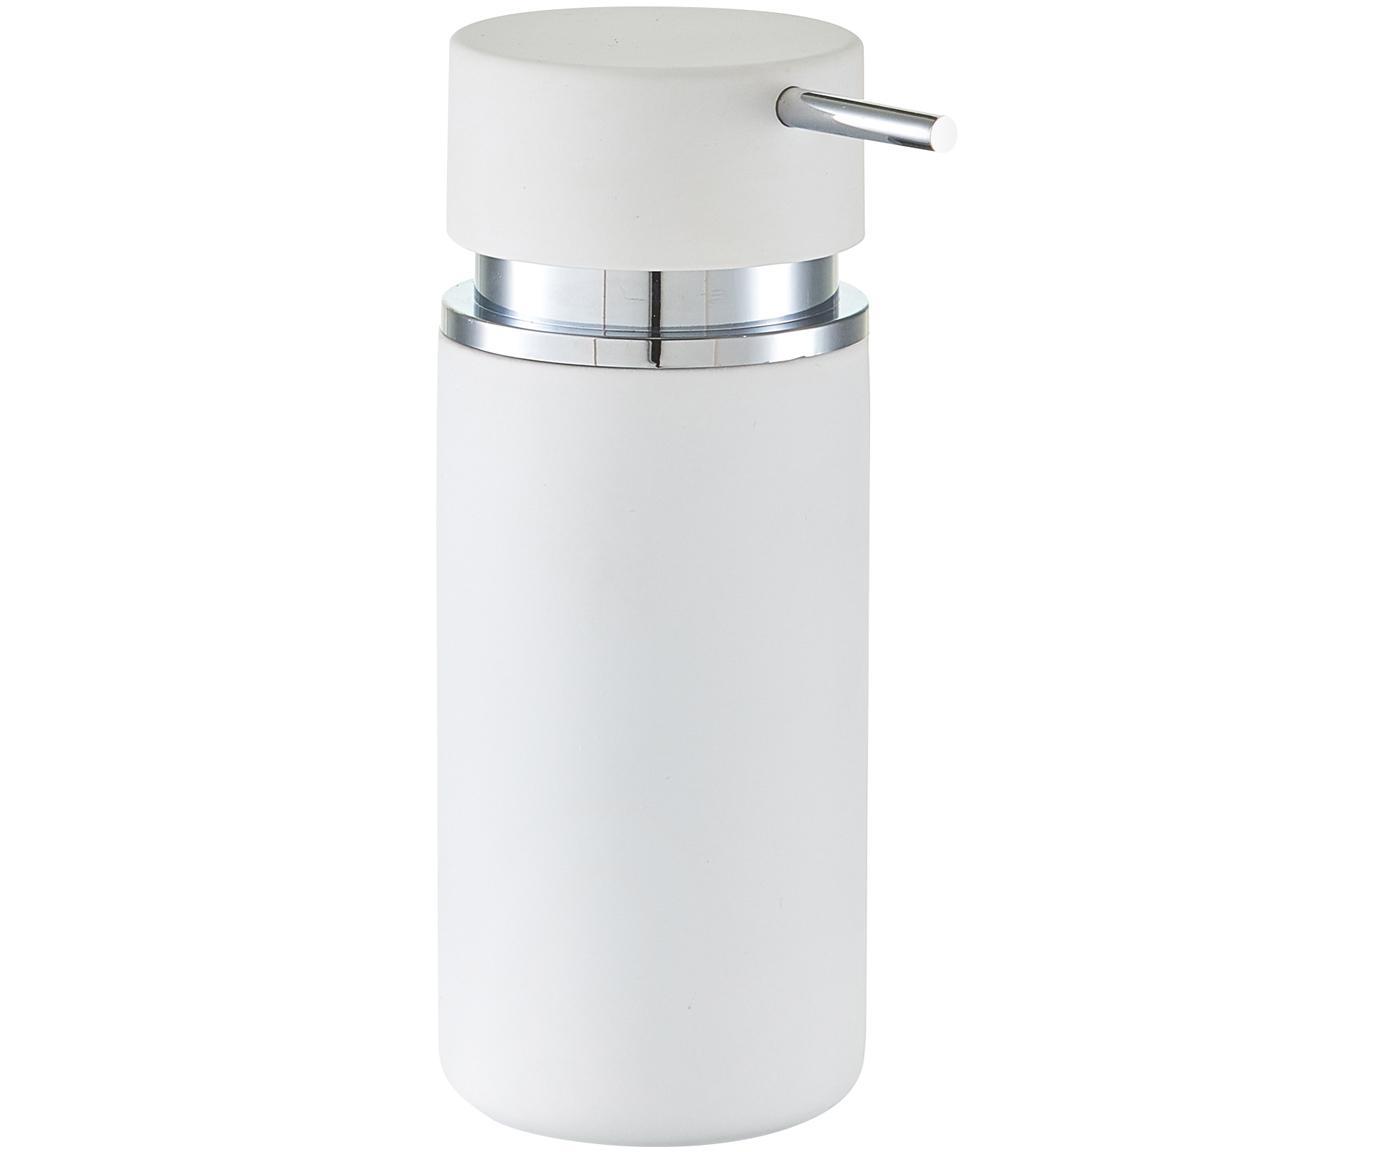 Dosificador de jabón Mateo, Recipiente: cerámica con superficie d, Blanco, cromo, Ø 7 x Al 17 cm